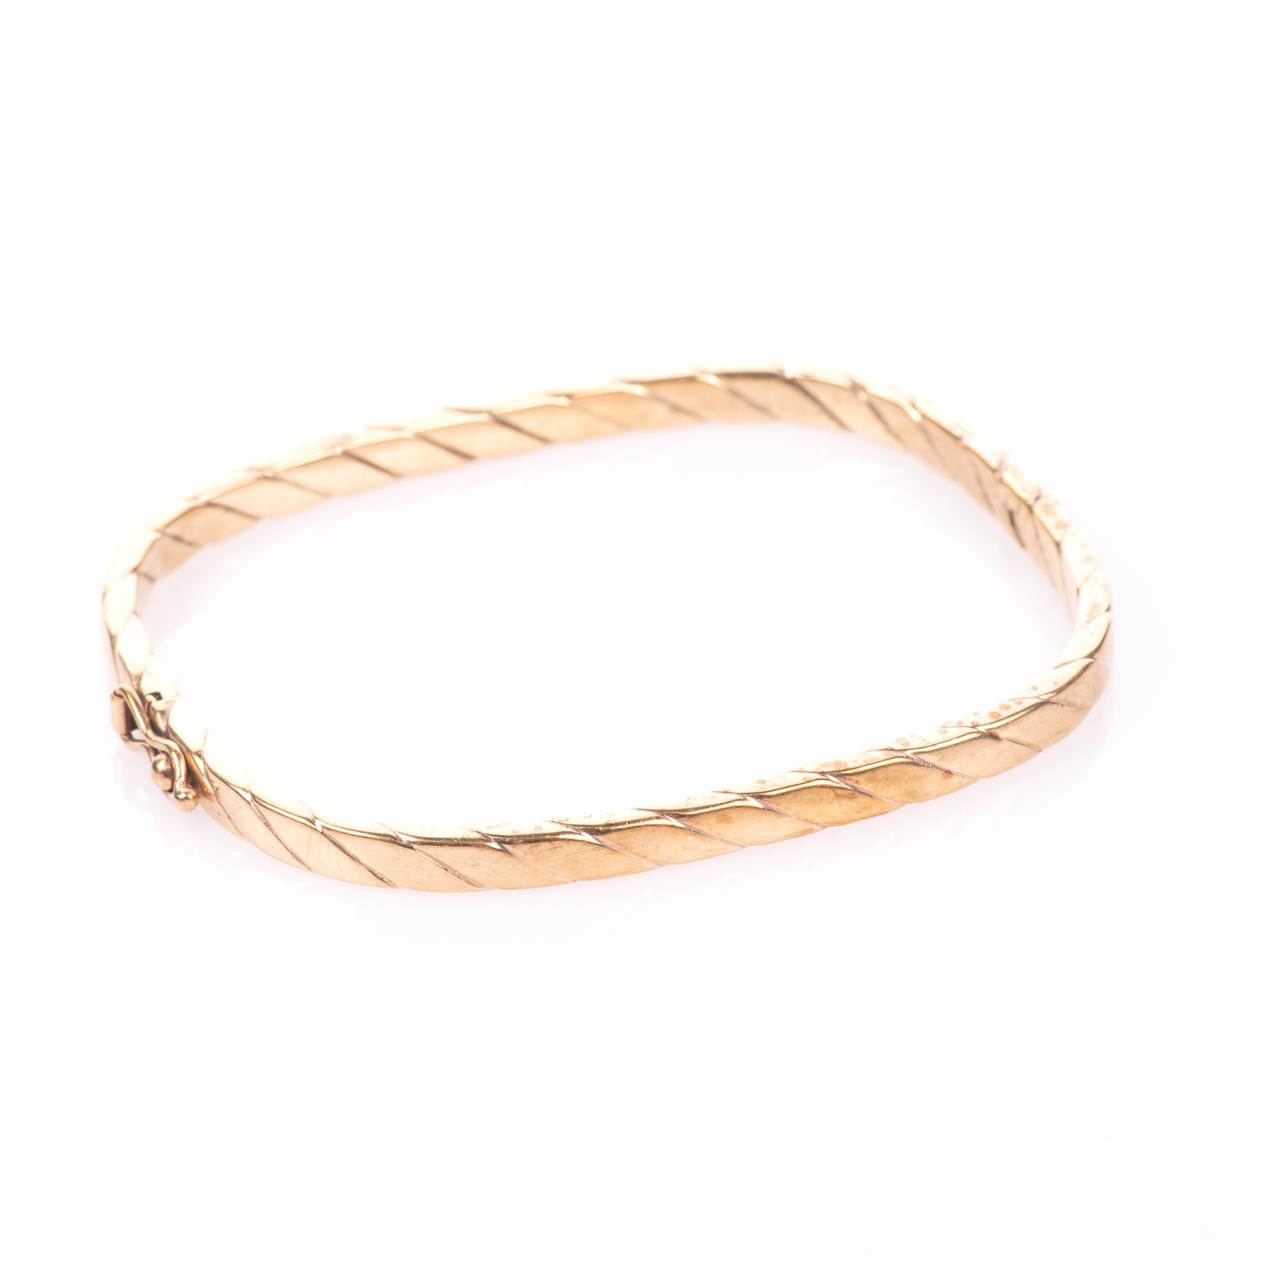 9ct Gold Bangle Bracelet - Image 6 of 6